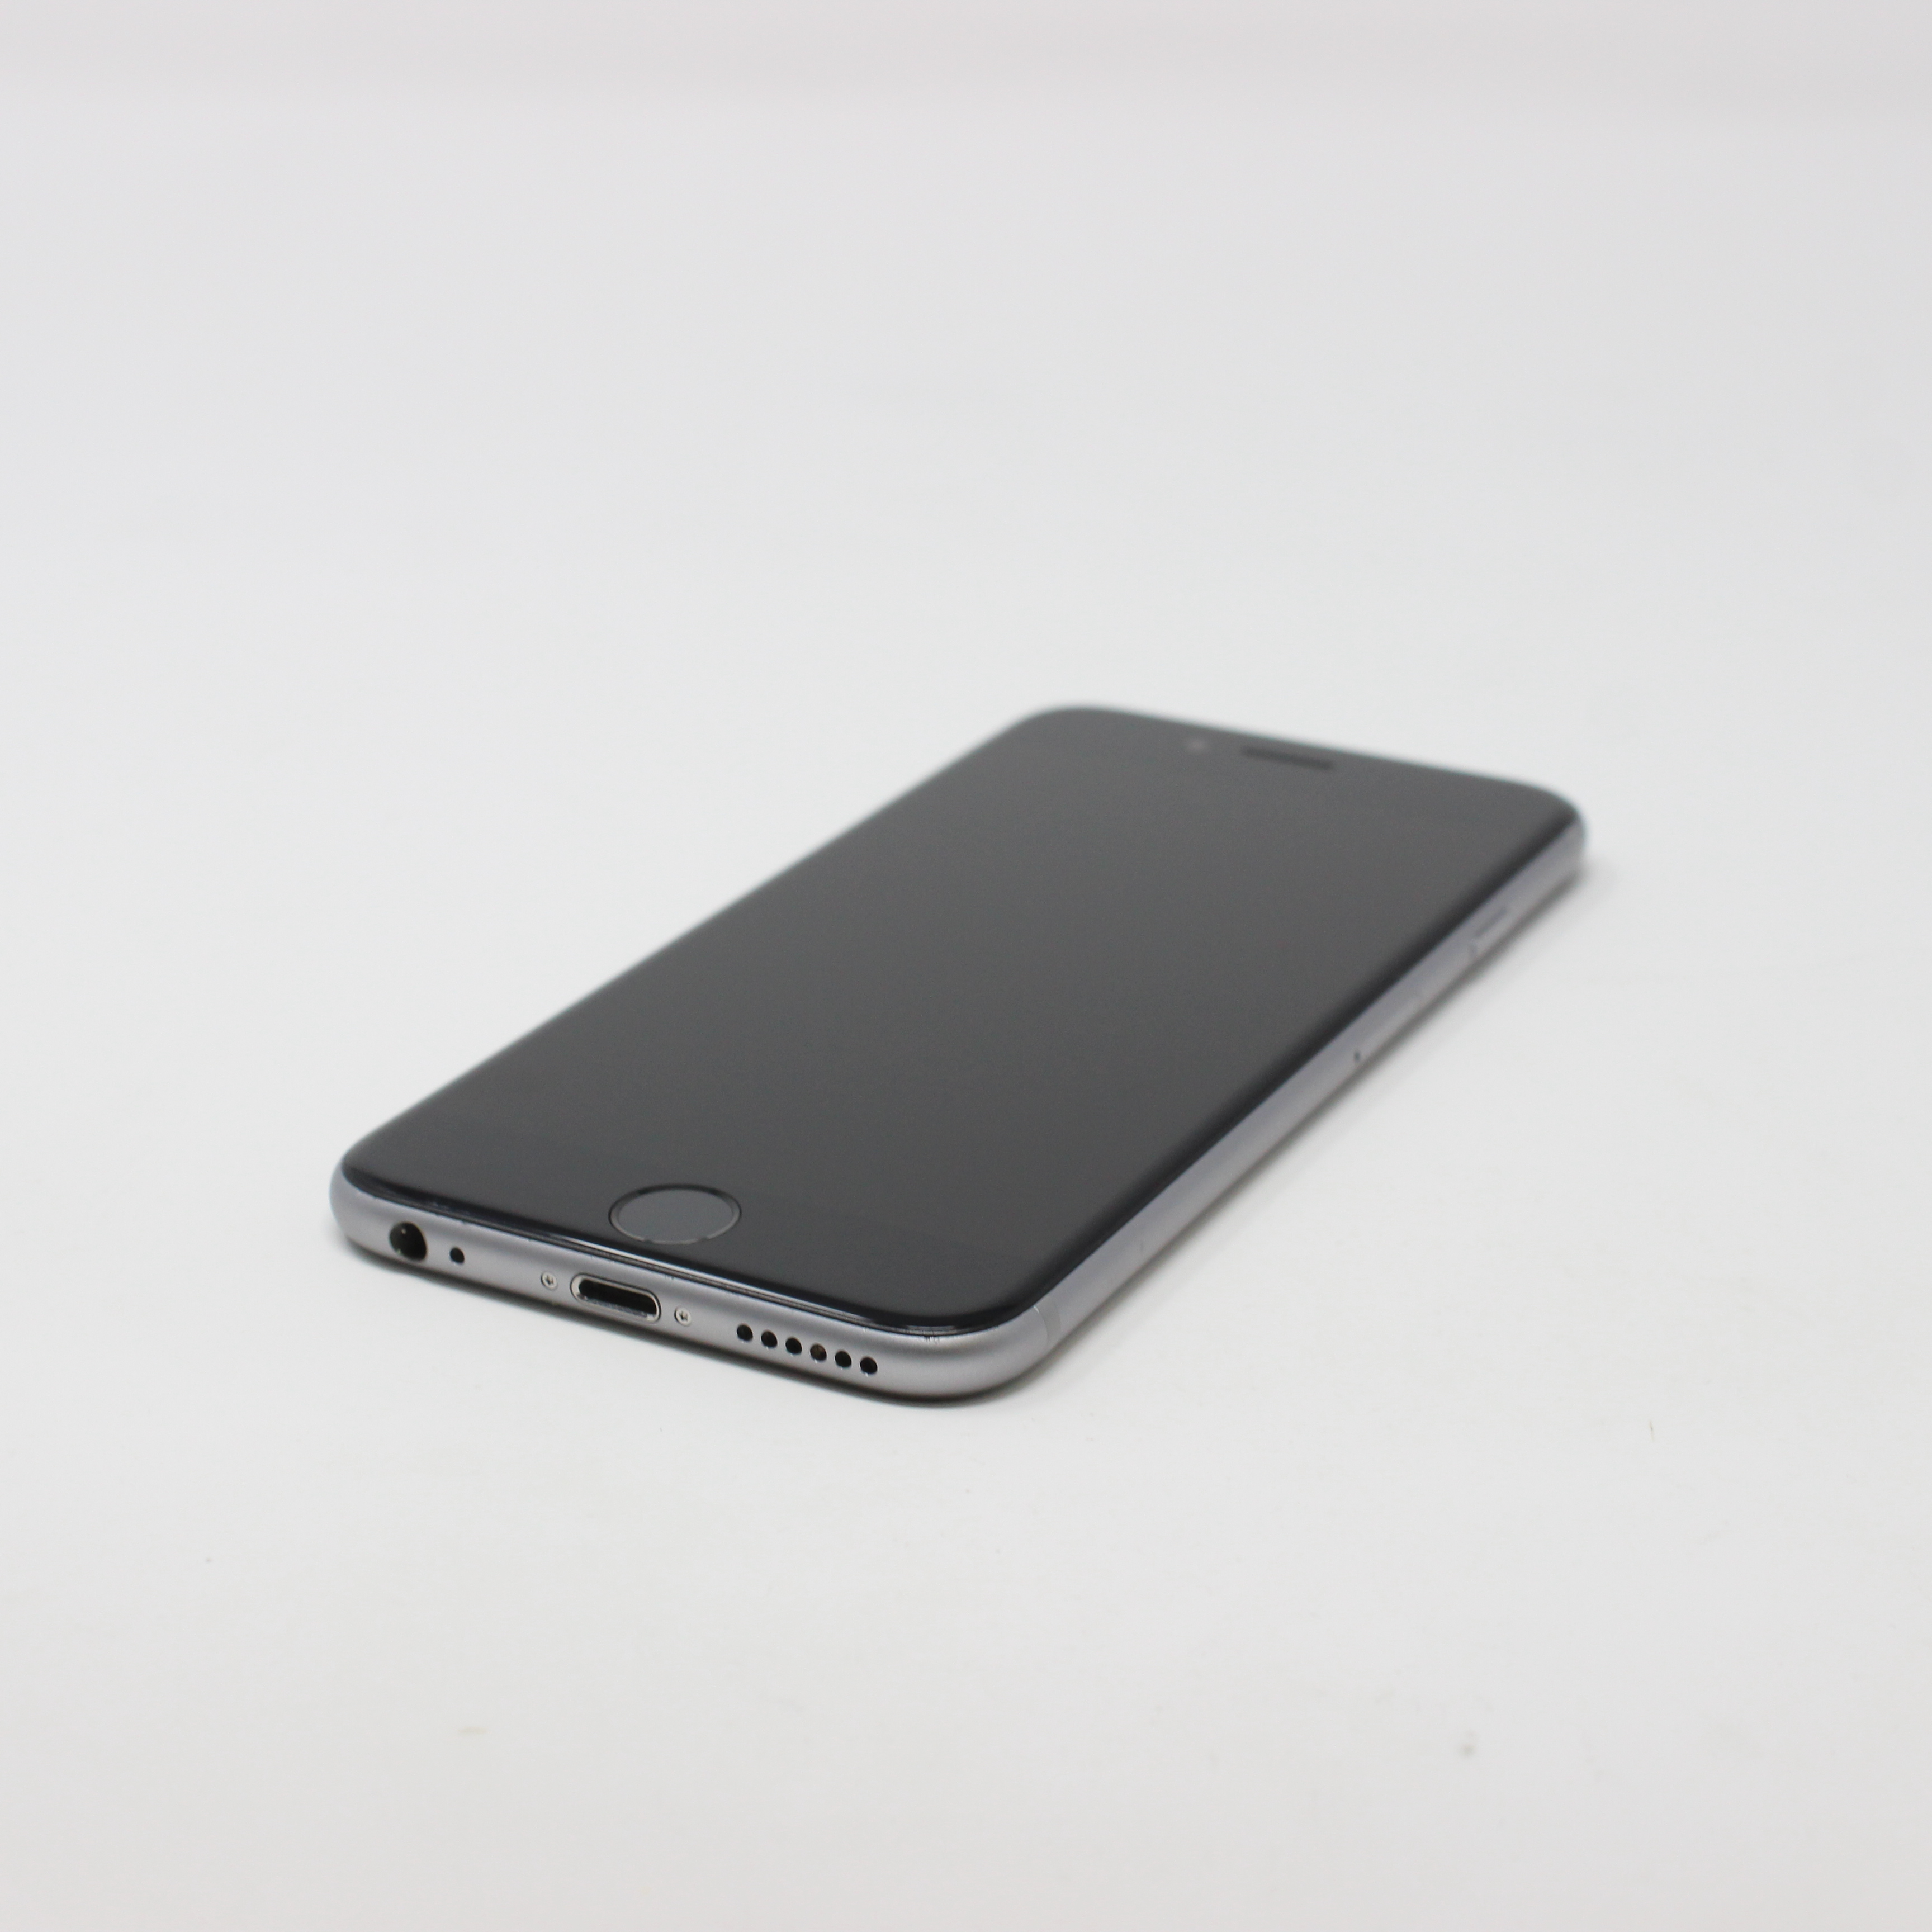 iPhone 6S 64GB Space Gray - AT&T photo 6 | UpTradeit.com